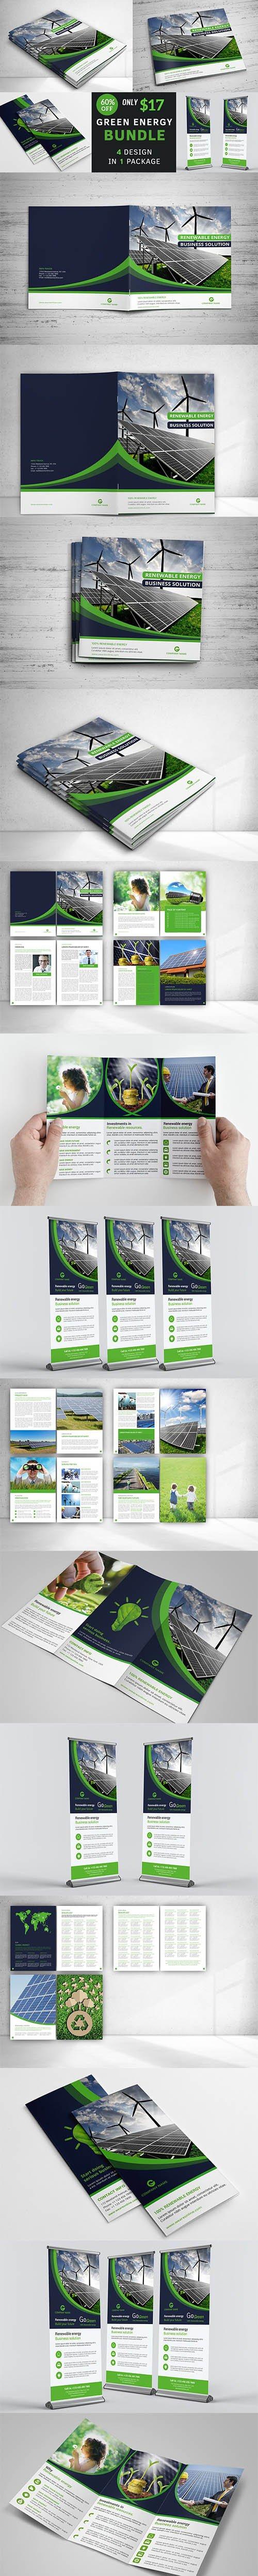 CreativeMarket - Renewable Energy Brochure Bundle 4212104